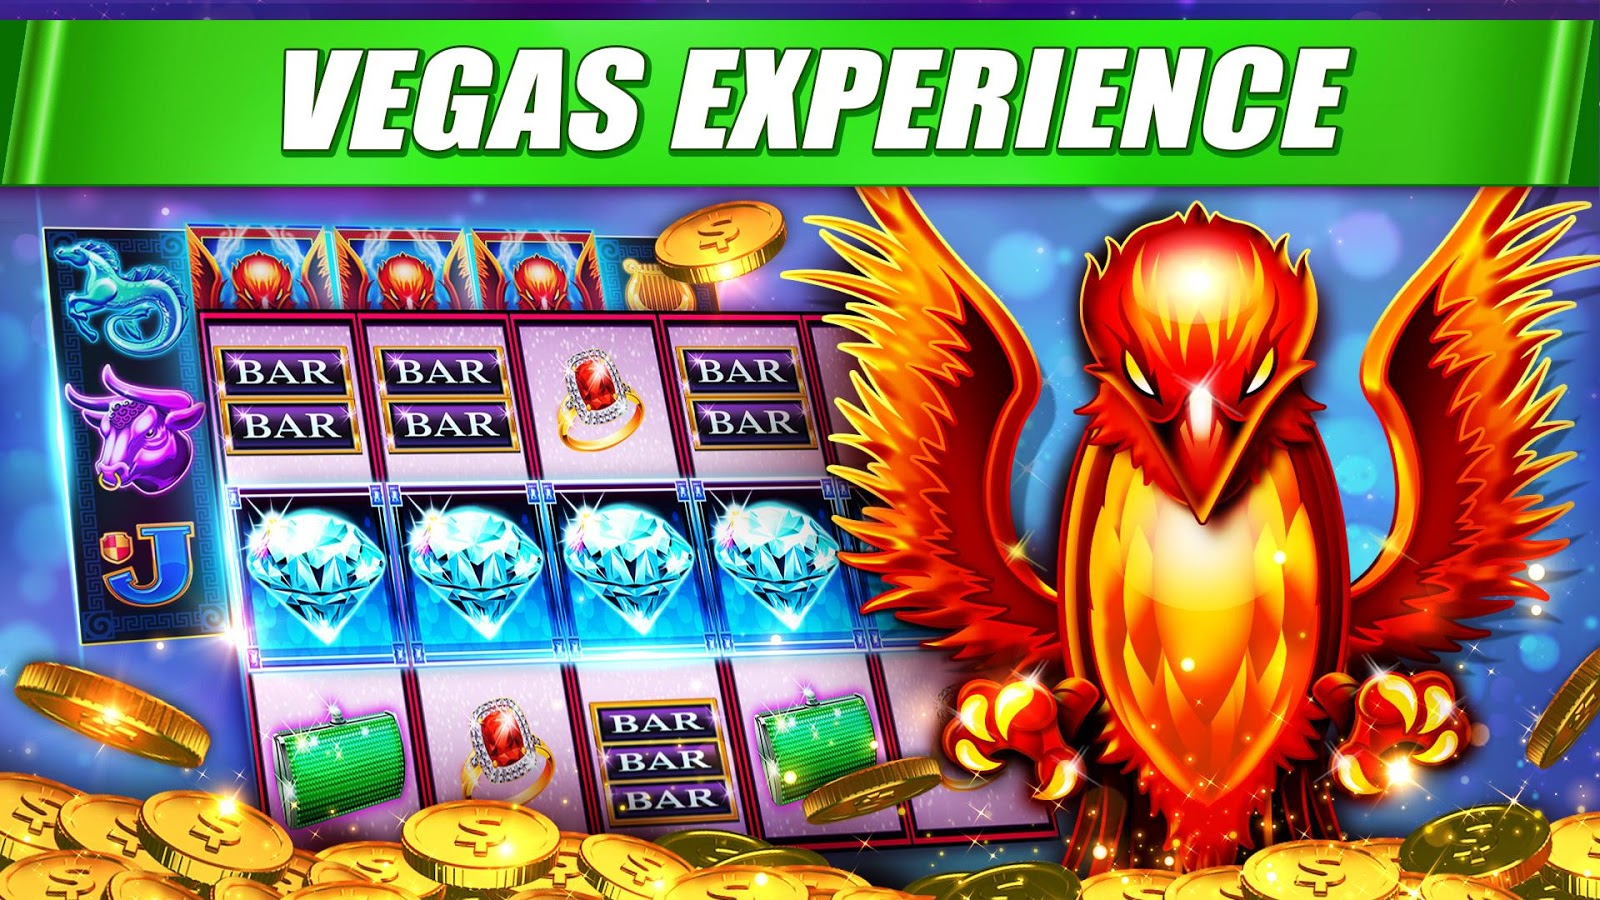 Juegos tragamonedas gratis casino tragaperras Bwin es 438820